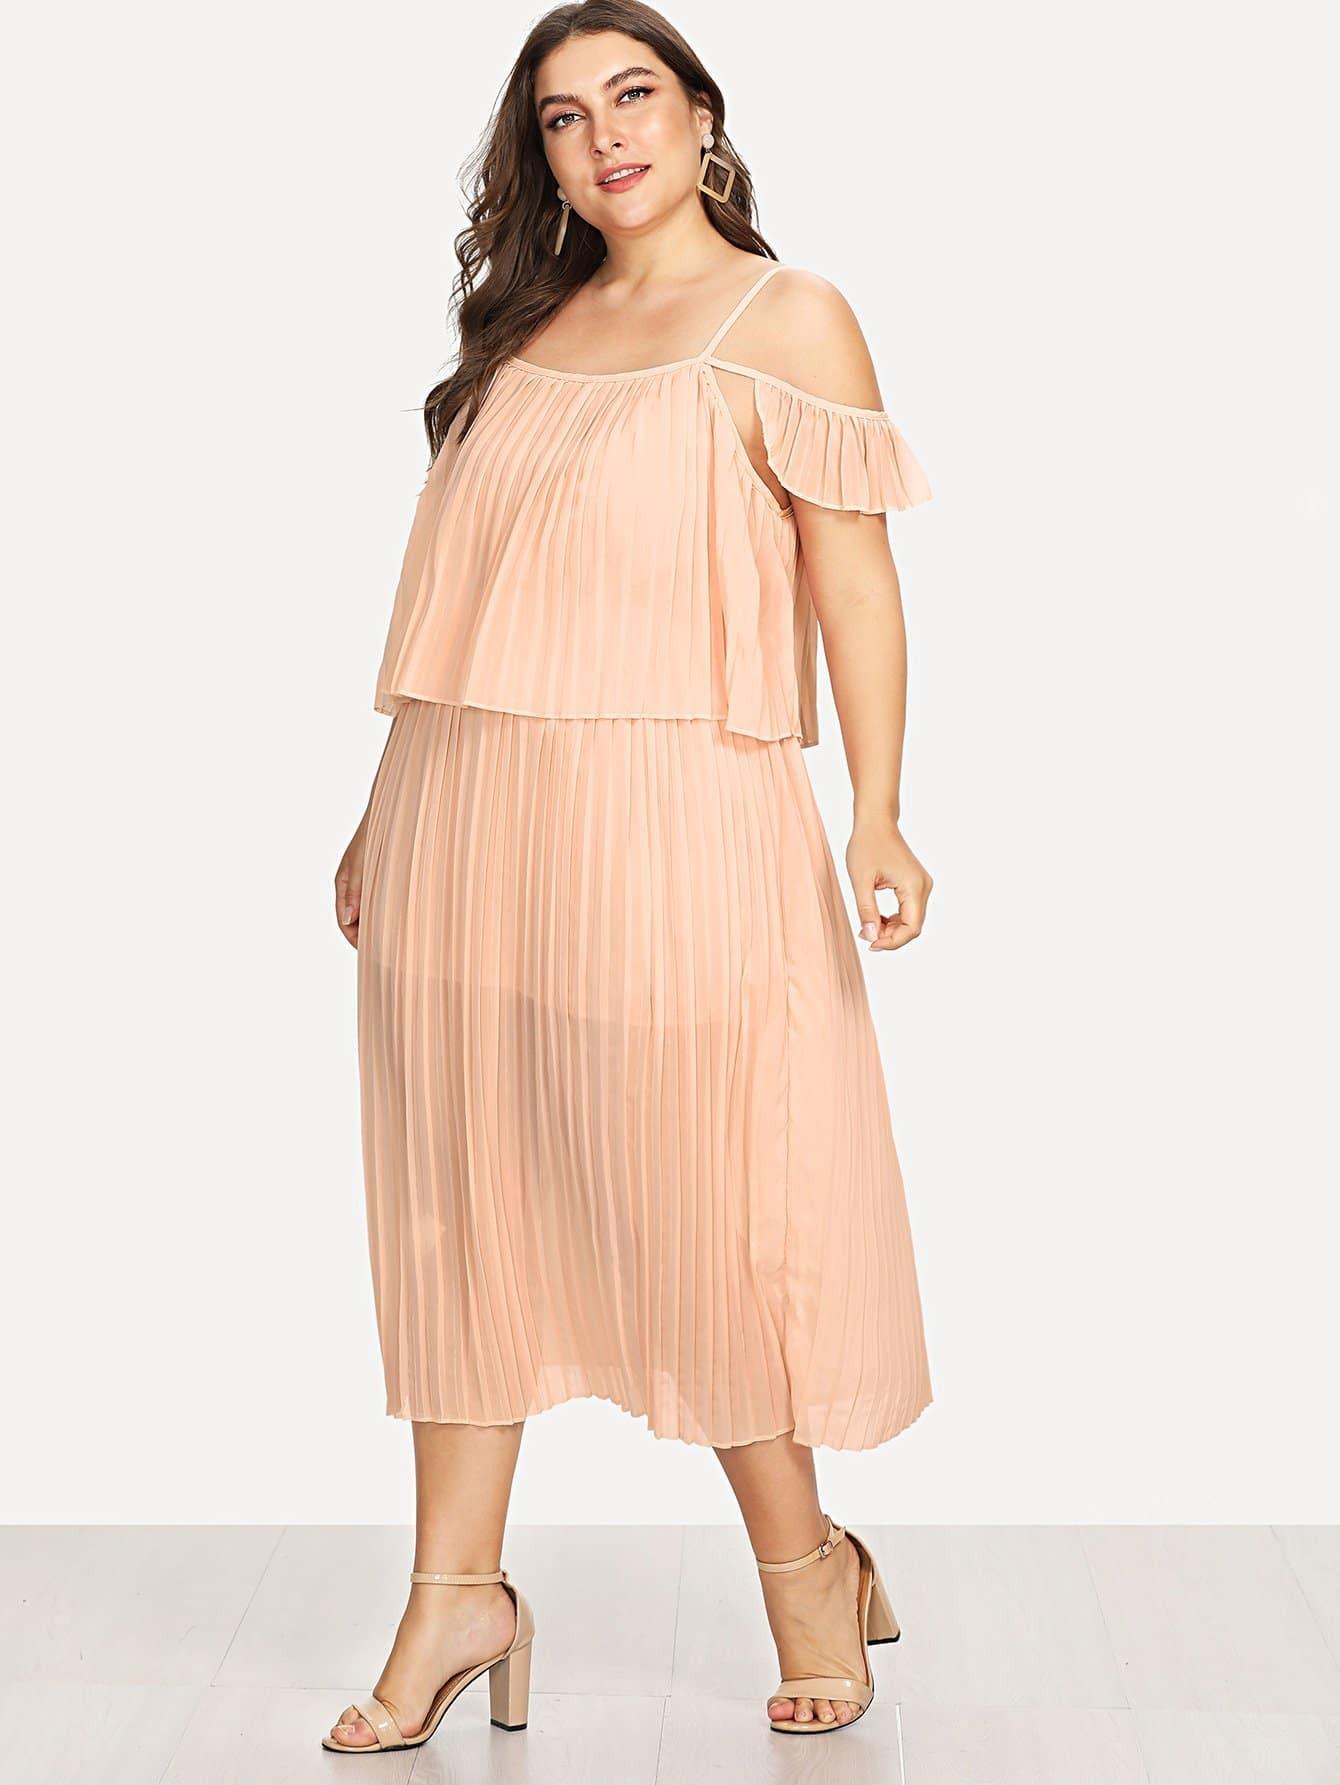 Open Shoulder Pleated Dress open shoulder printed dress